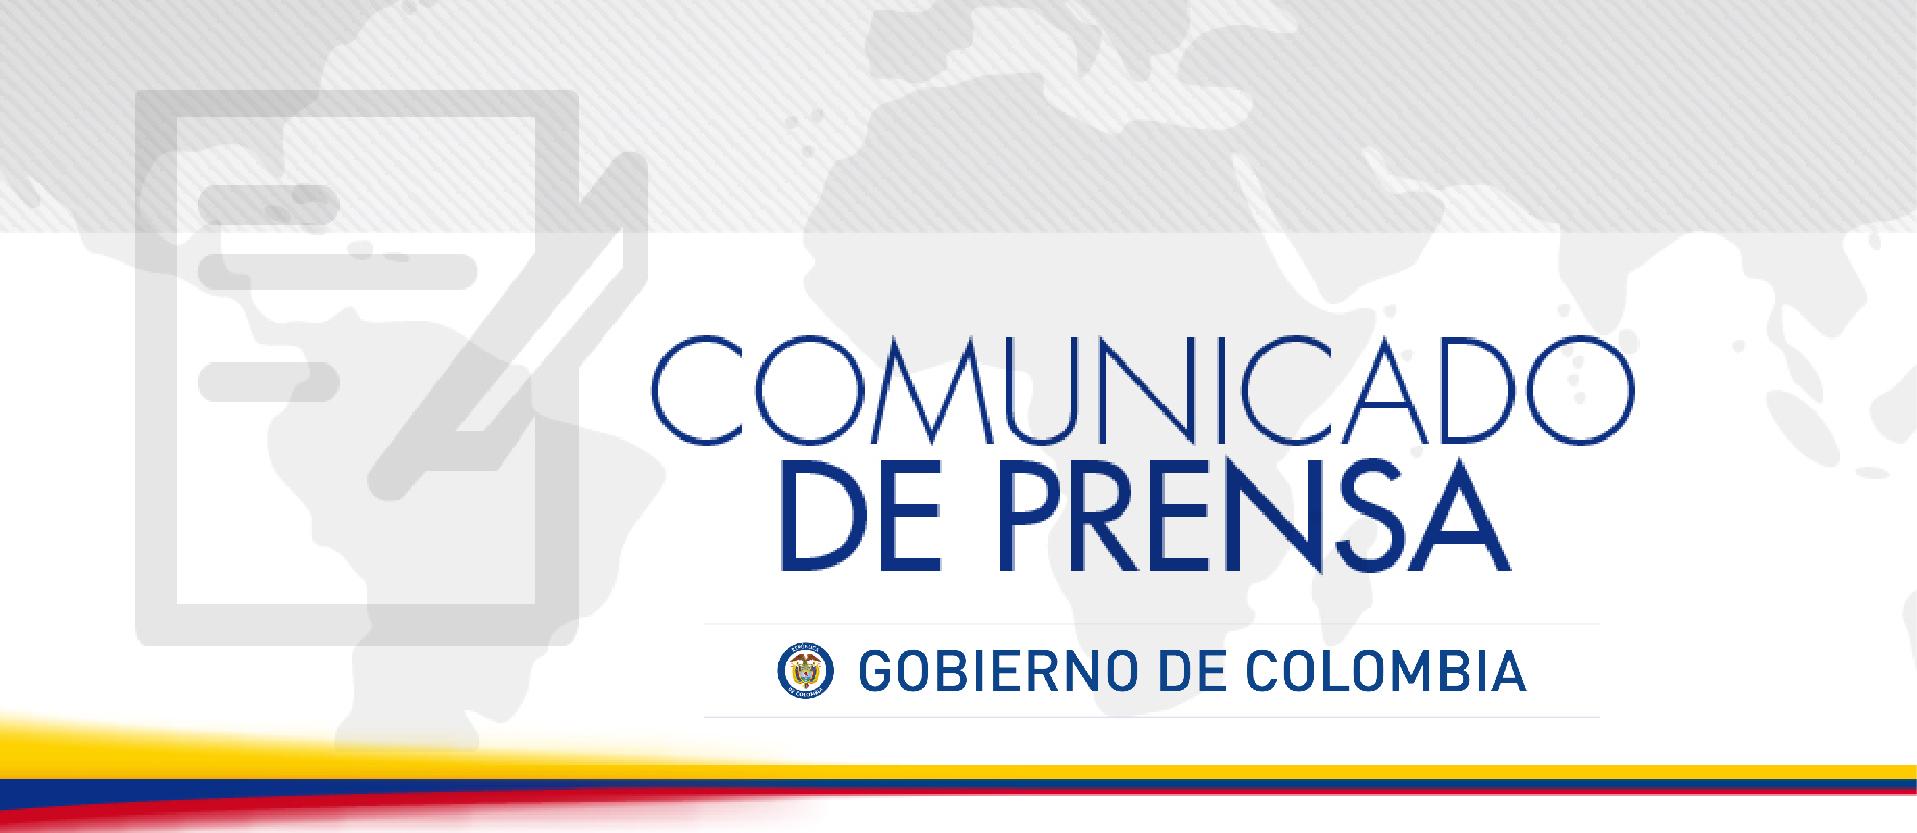 Comunicado De Prensa Del Ministerio De Relaciones Exteriores Misi N Permanente De Colombia